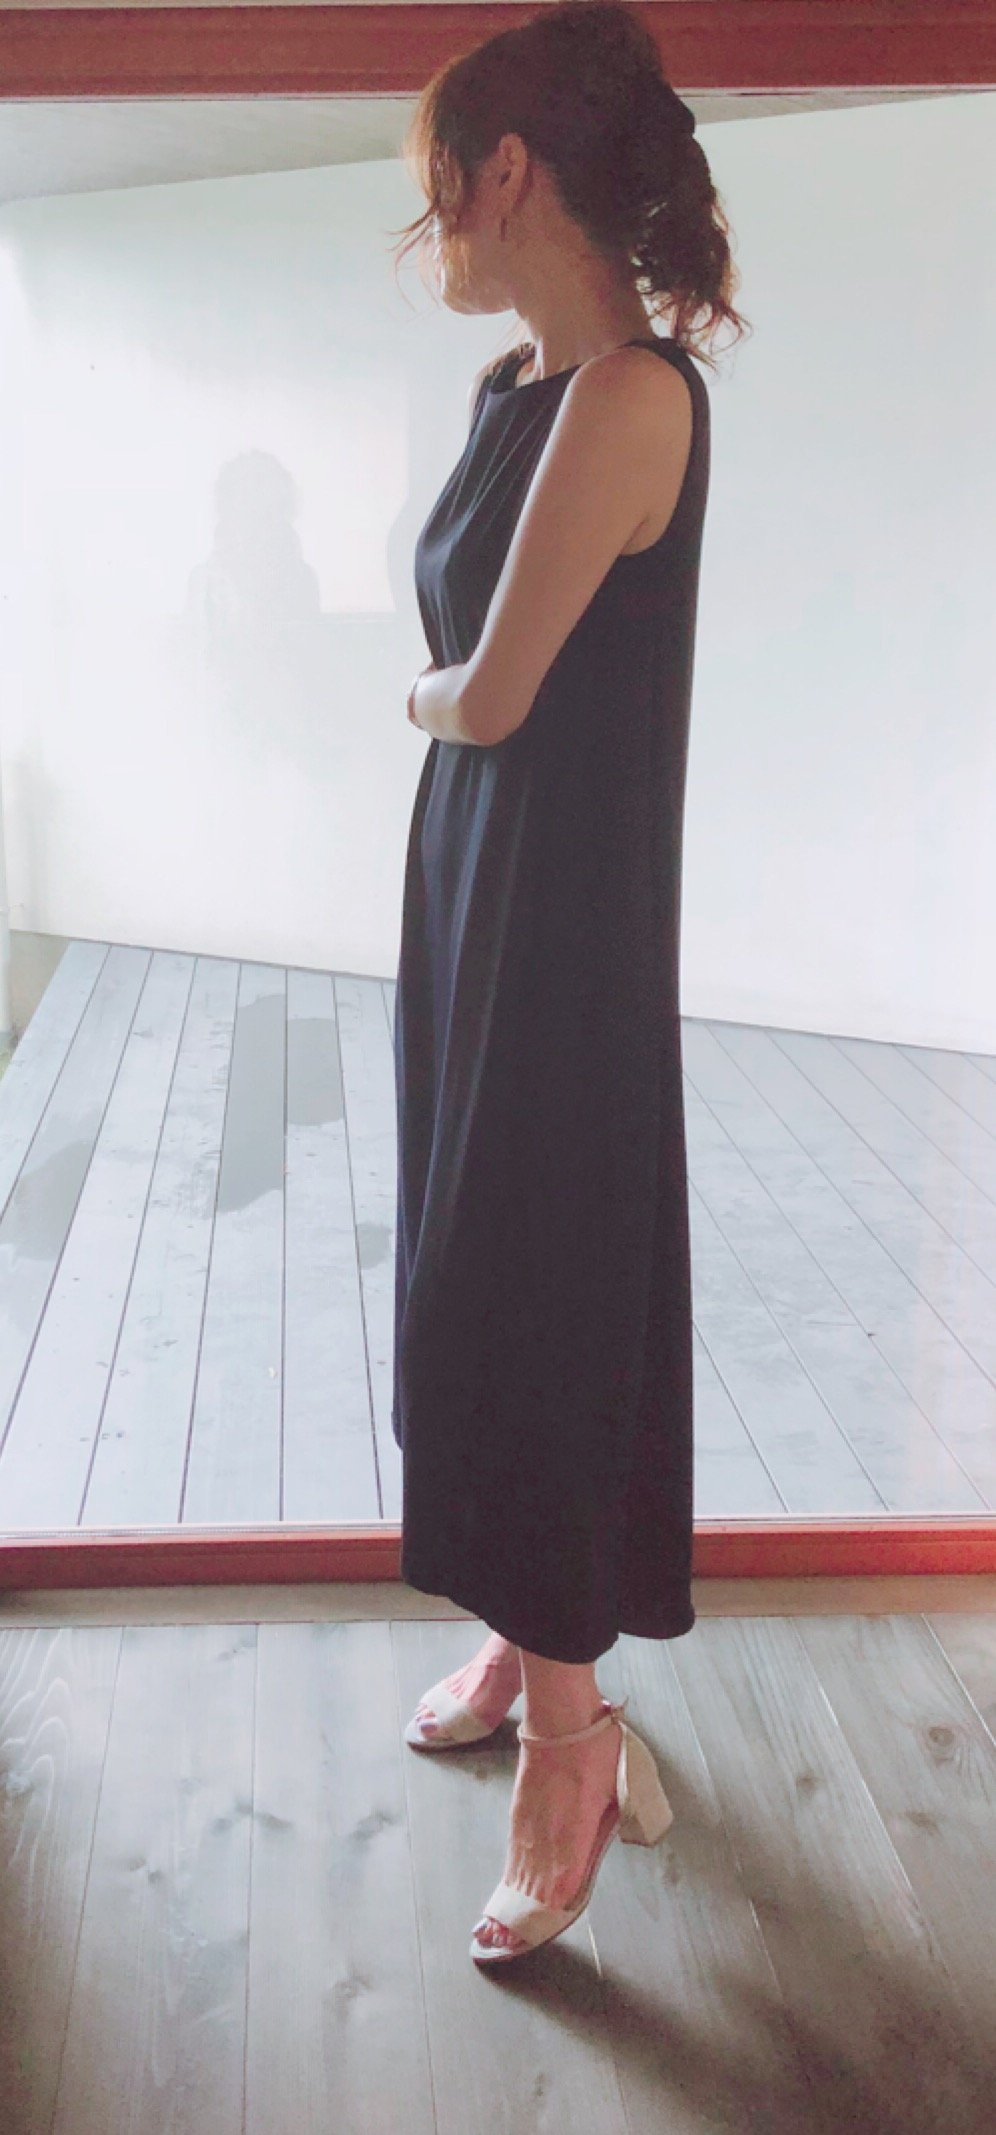 人妻さん日誌:洋服はワンピース<br /> <br />